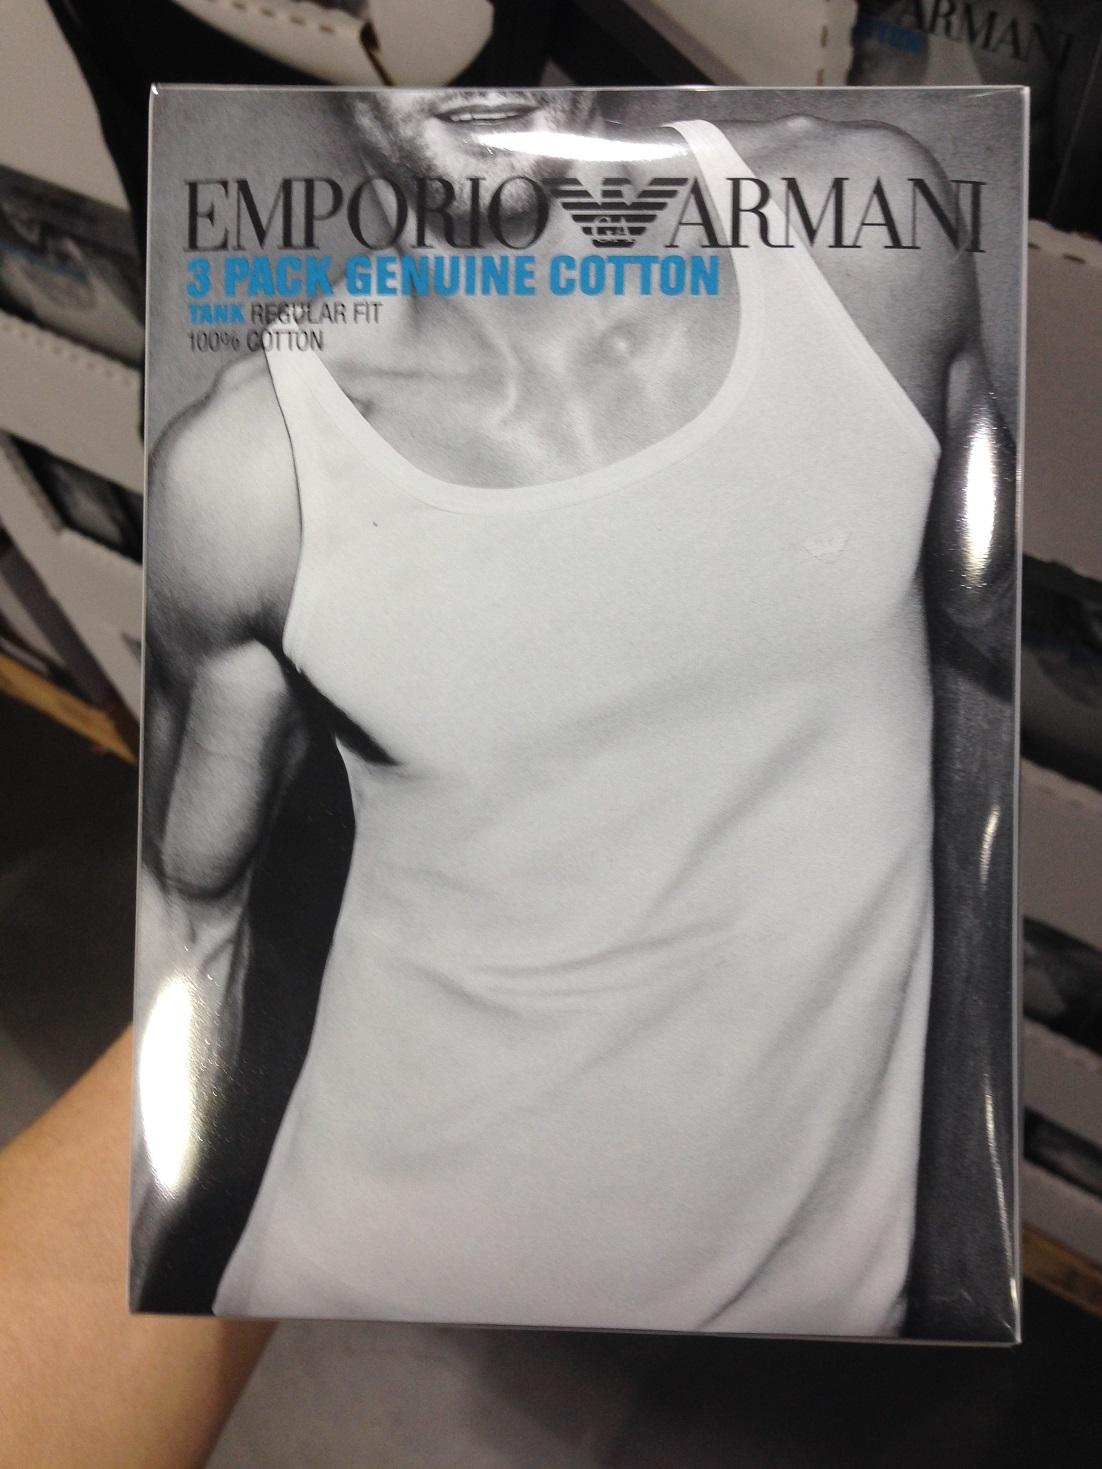 Майка Emporio Armani комплект трусов emporio armani 111210 7a504 46635